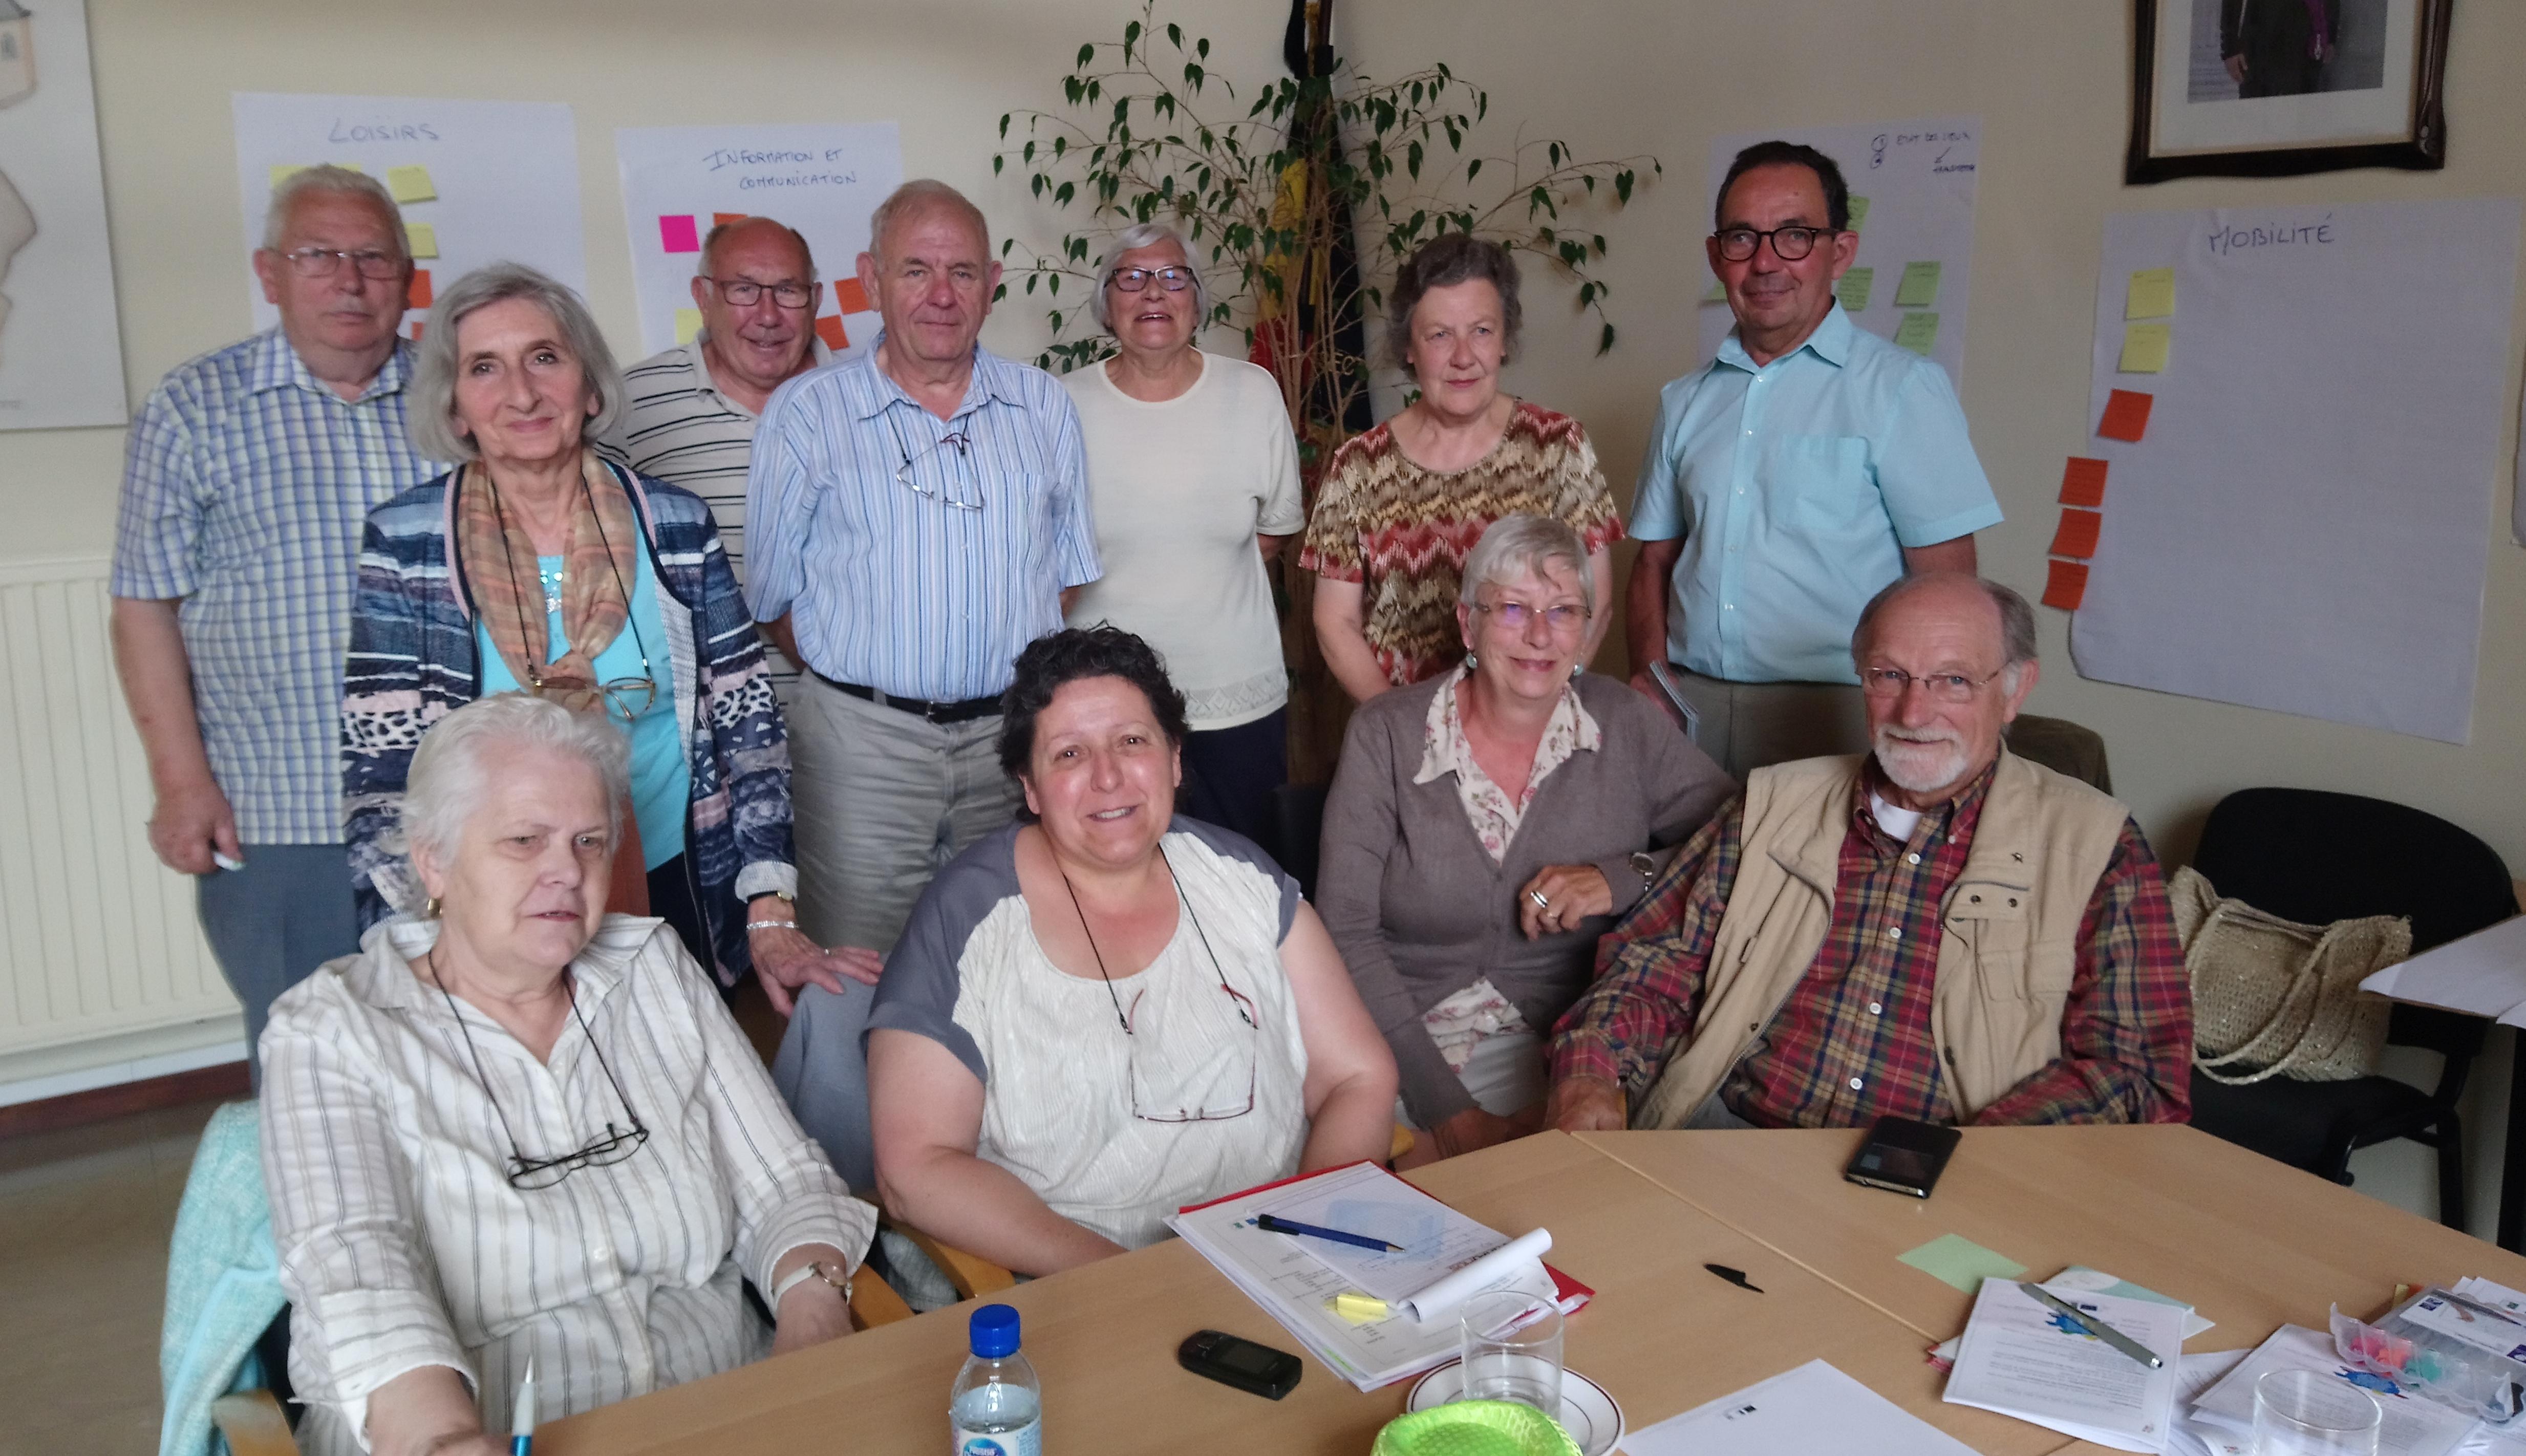 Des aînés de Hesbaye qui ont beaucoup de choses à dire et de belles idées!